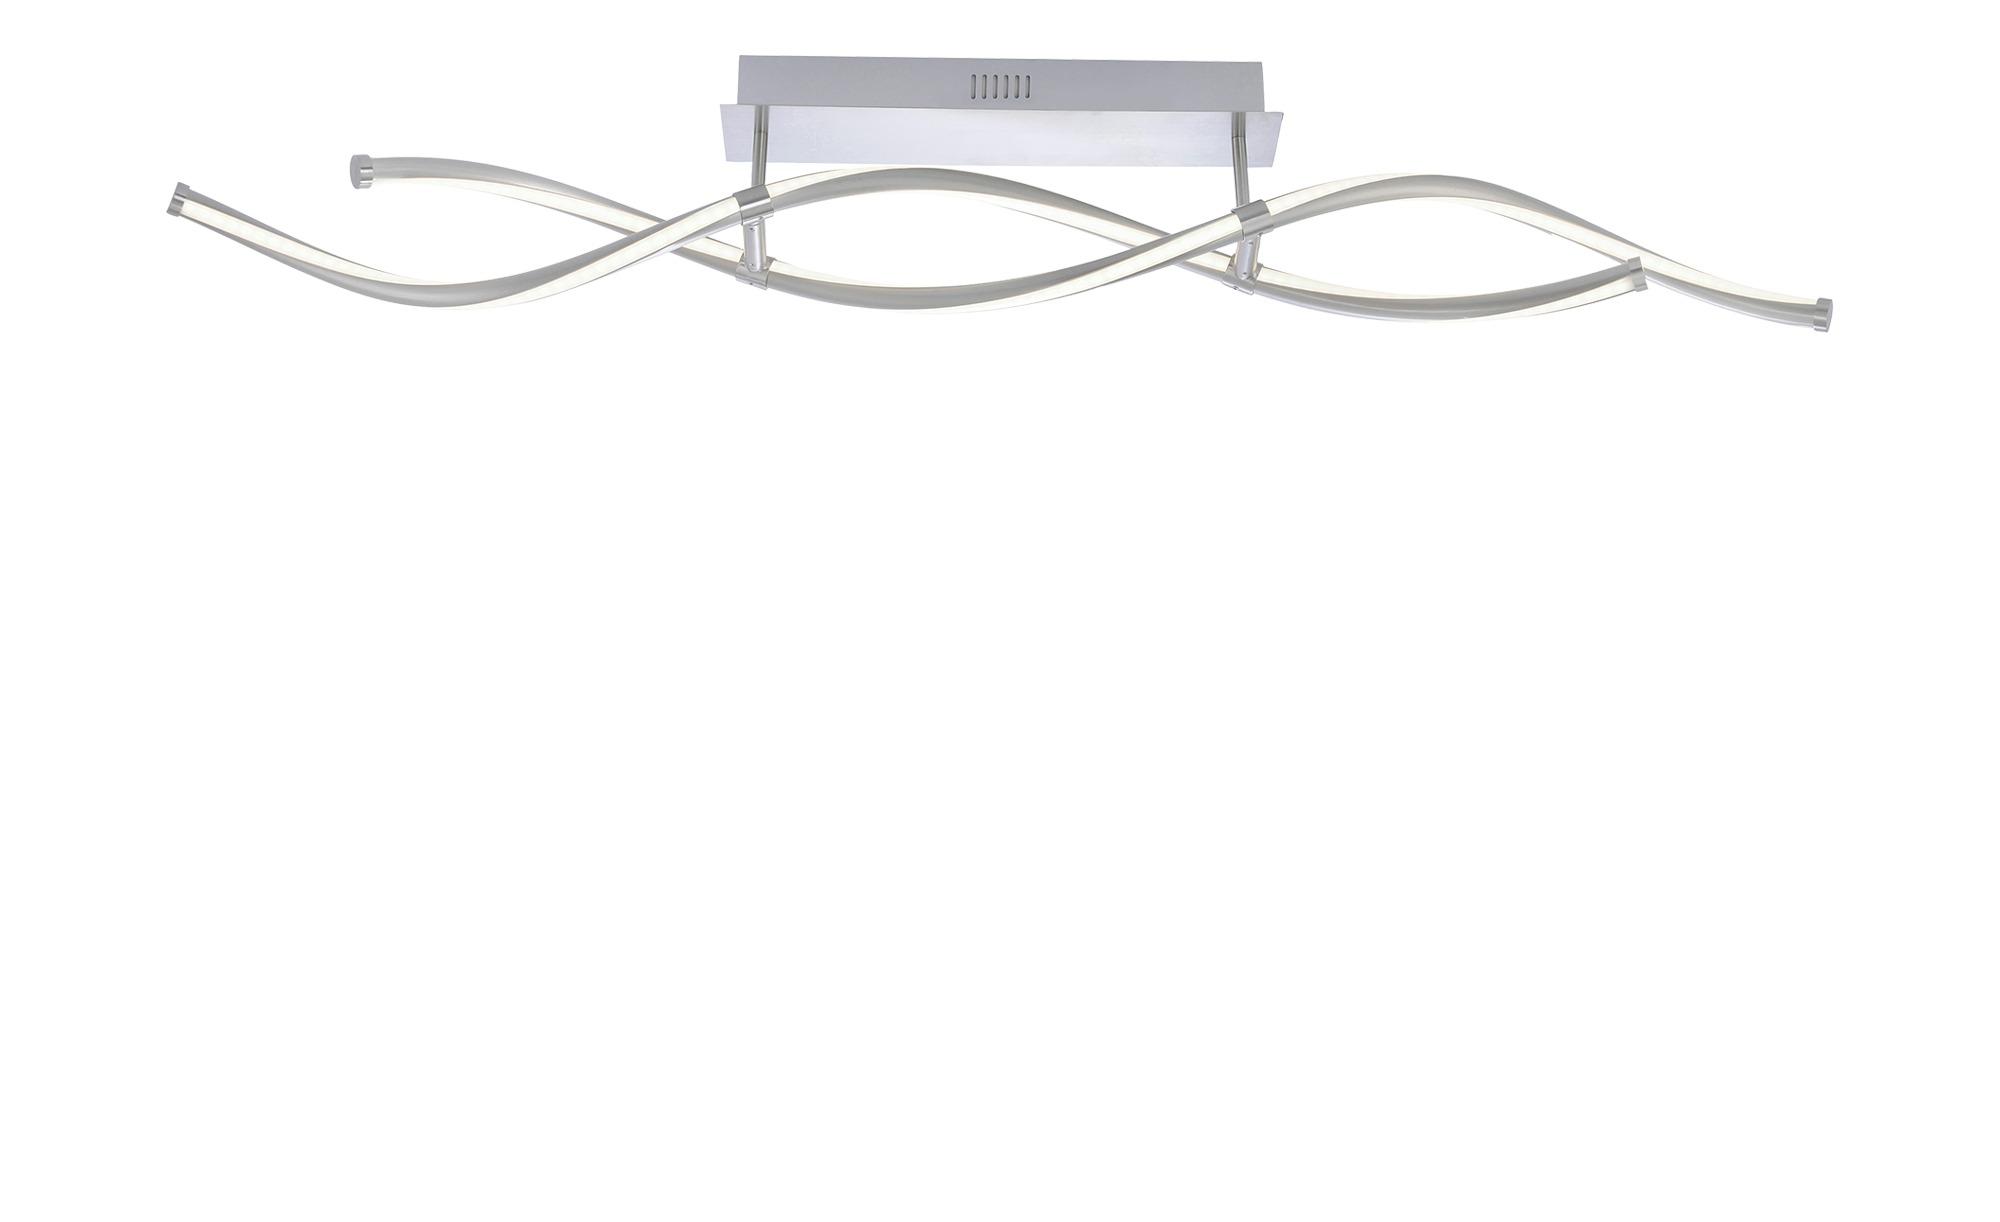 Q-Smart Home Lights Deckenleuchte,2-flammig, nickel-matt ¦ silber ¦ Maße (cm): B: 10,5 H: 16,8 Lampen & Leuchten > Innenleuchten > Deckenleuchten - Höffner